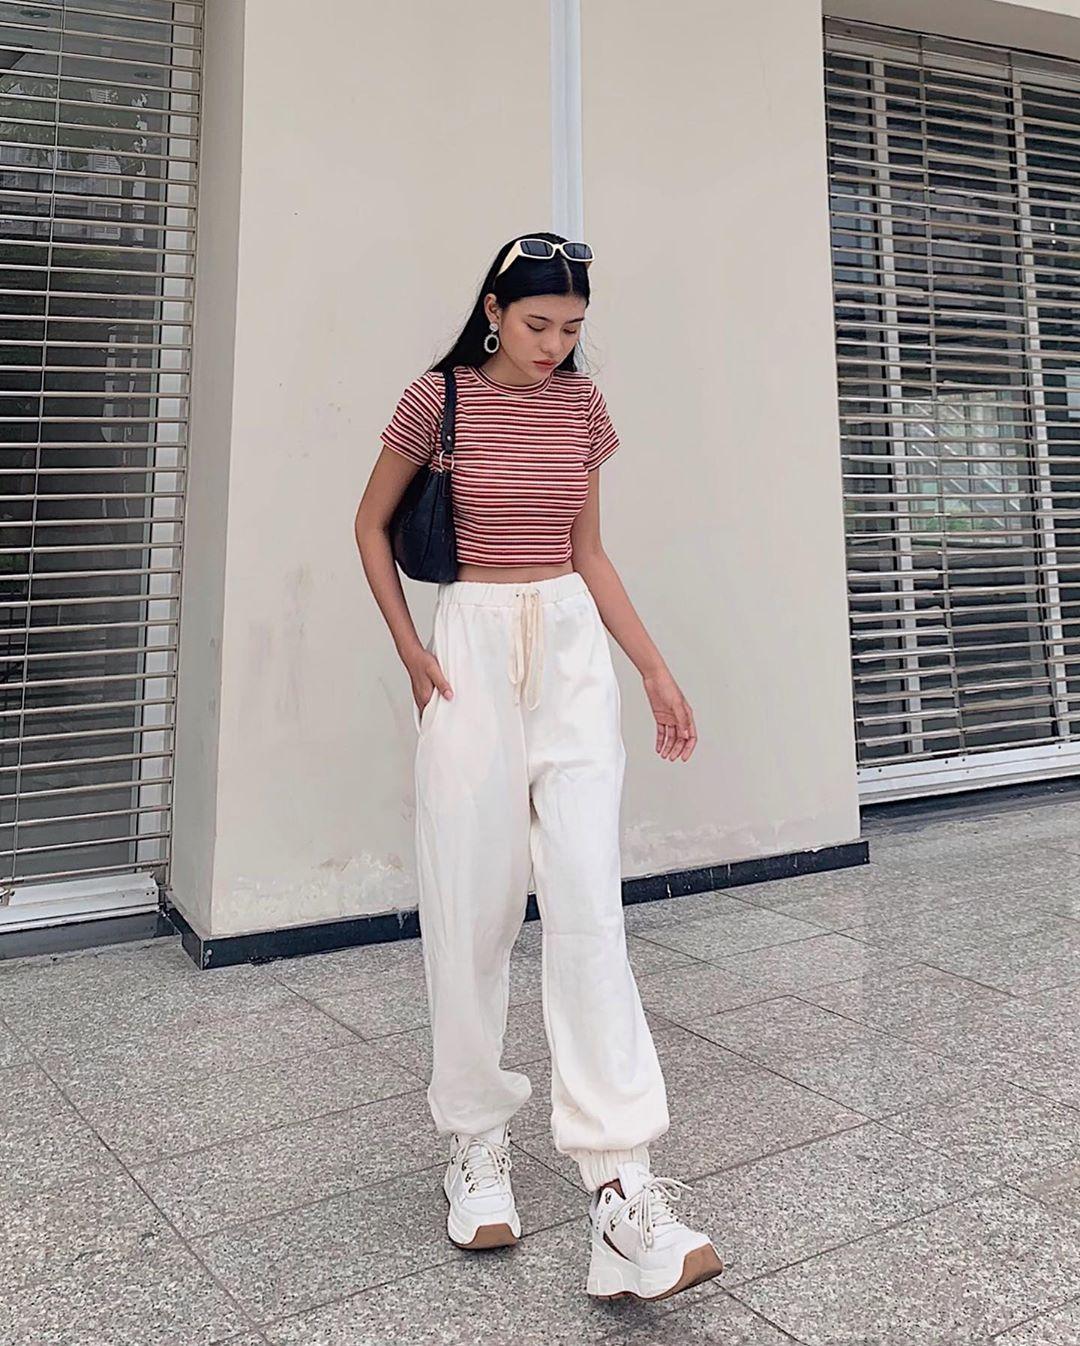 Nhìn Jolie Nguyễn mà rút kinh nghiệm, chị em đừng chọn mẫu quần này nếu không muốn dìm dáng và người lùn 1 mẩu - Ảnh 6.